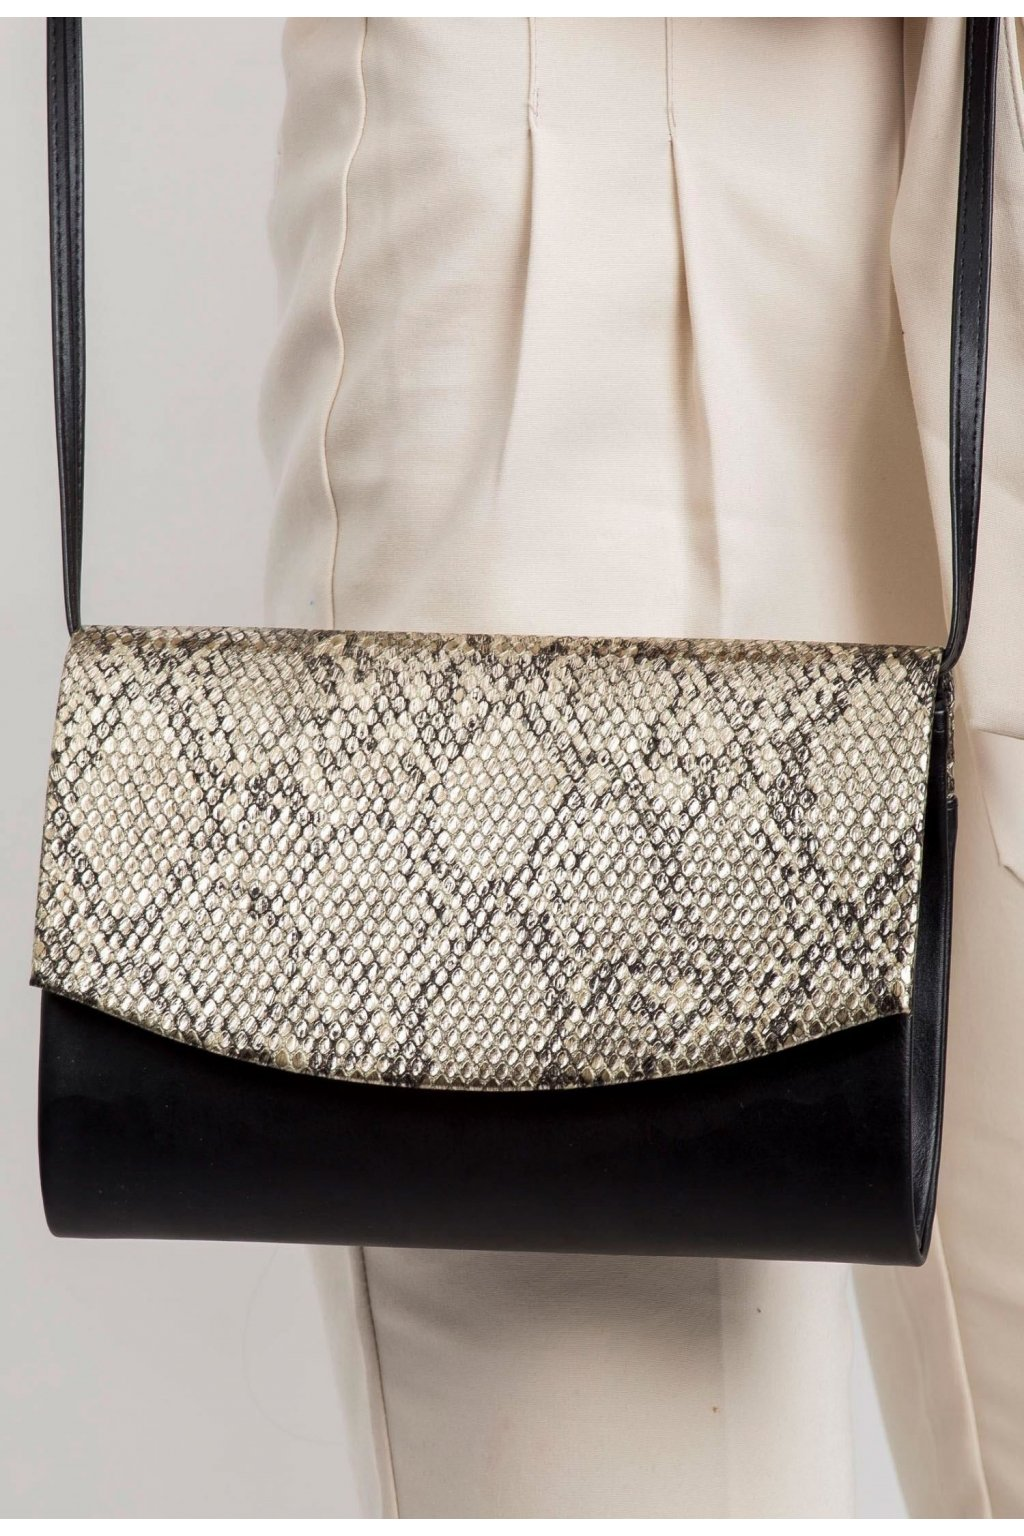 Fekete és arany női estélyi táska